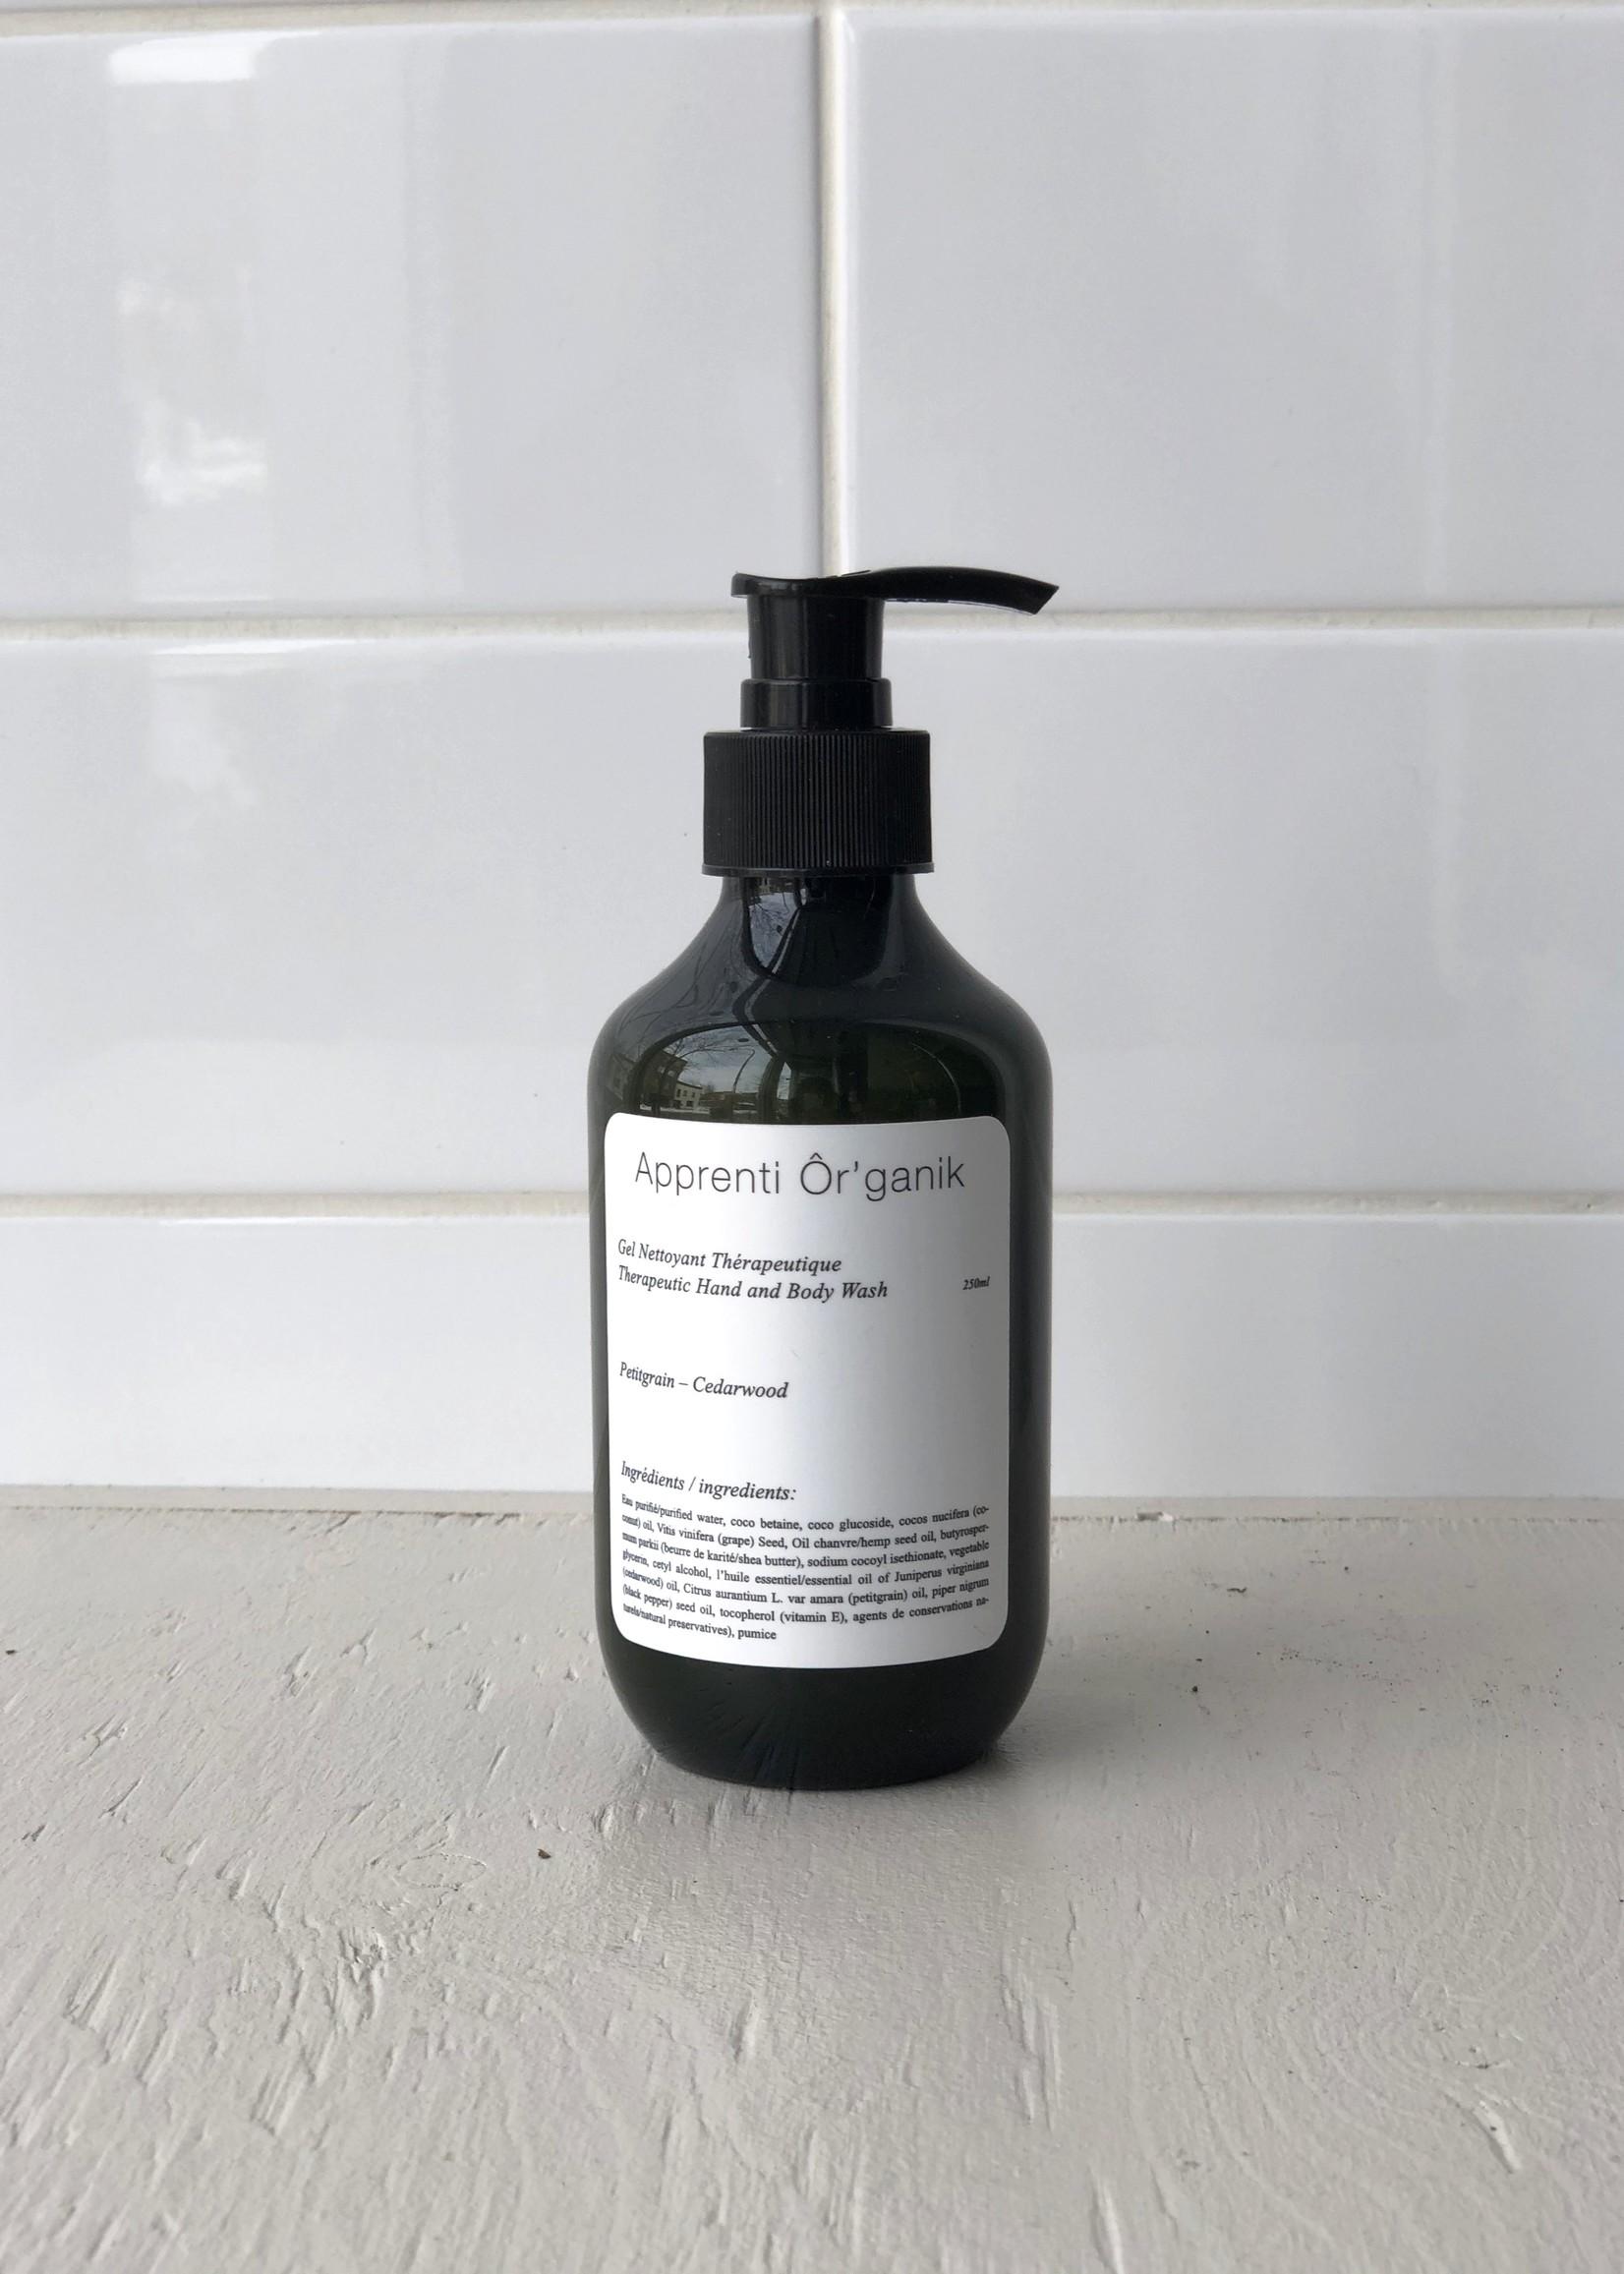 Apprenti Organik Therapeutic Hand and Body Wash